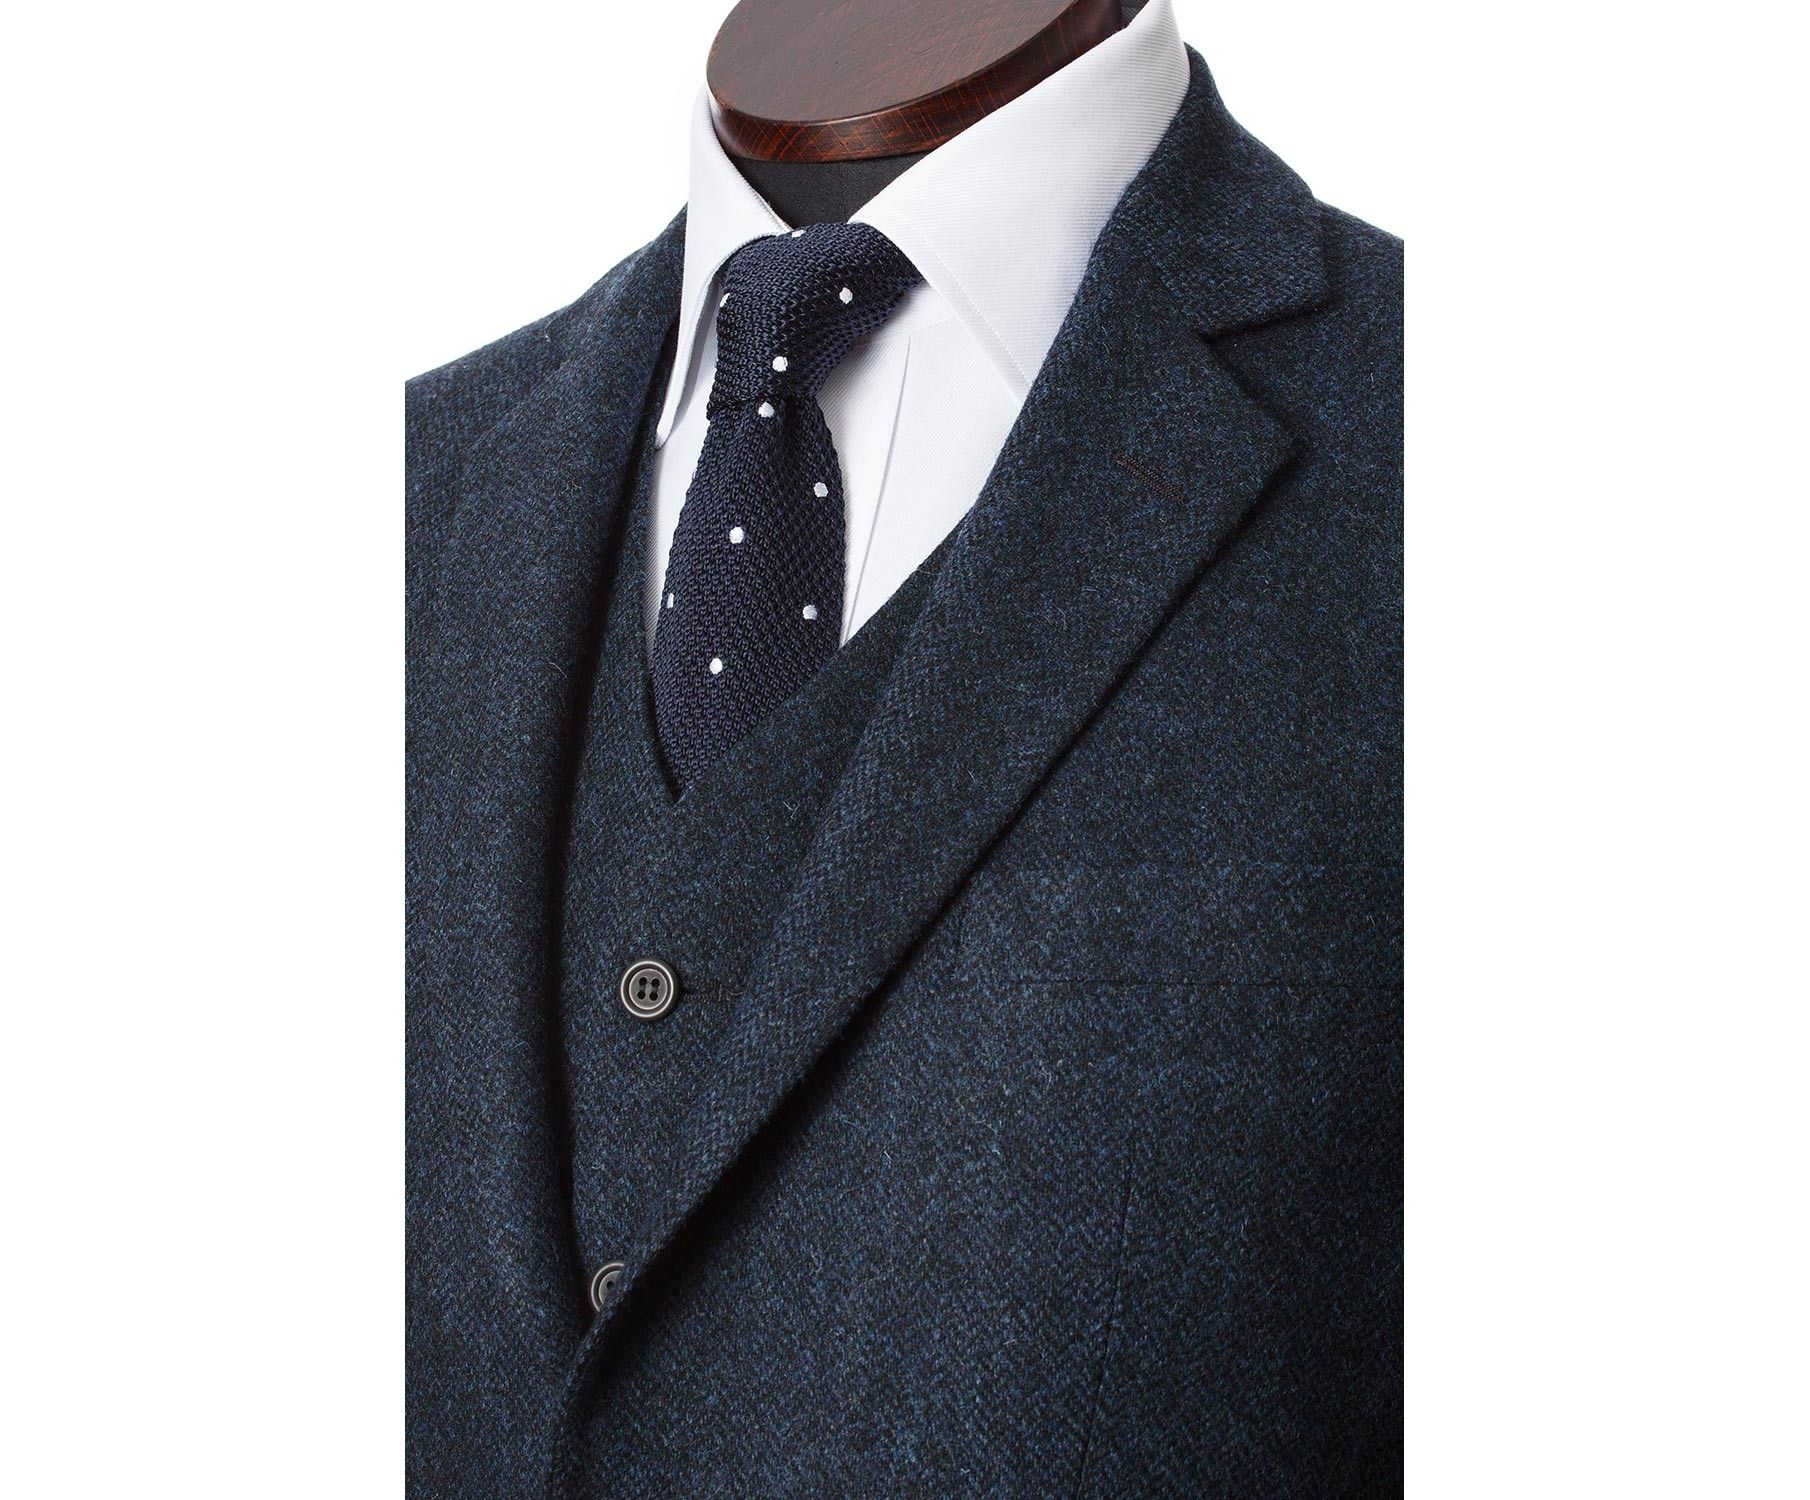 Пиджаки из твида Martin Jacket Navy Fine Herringbone Lambswool